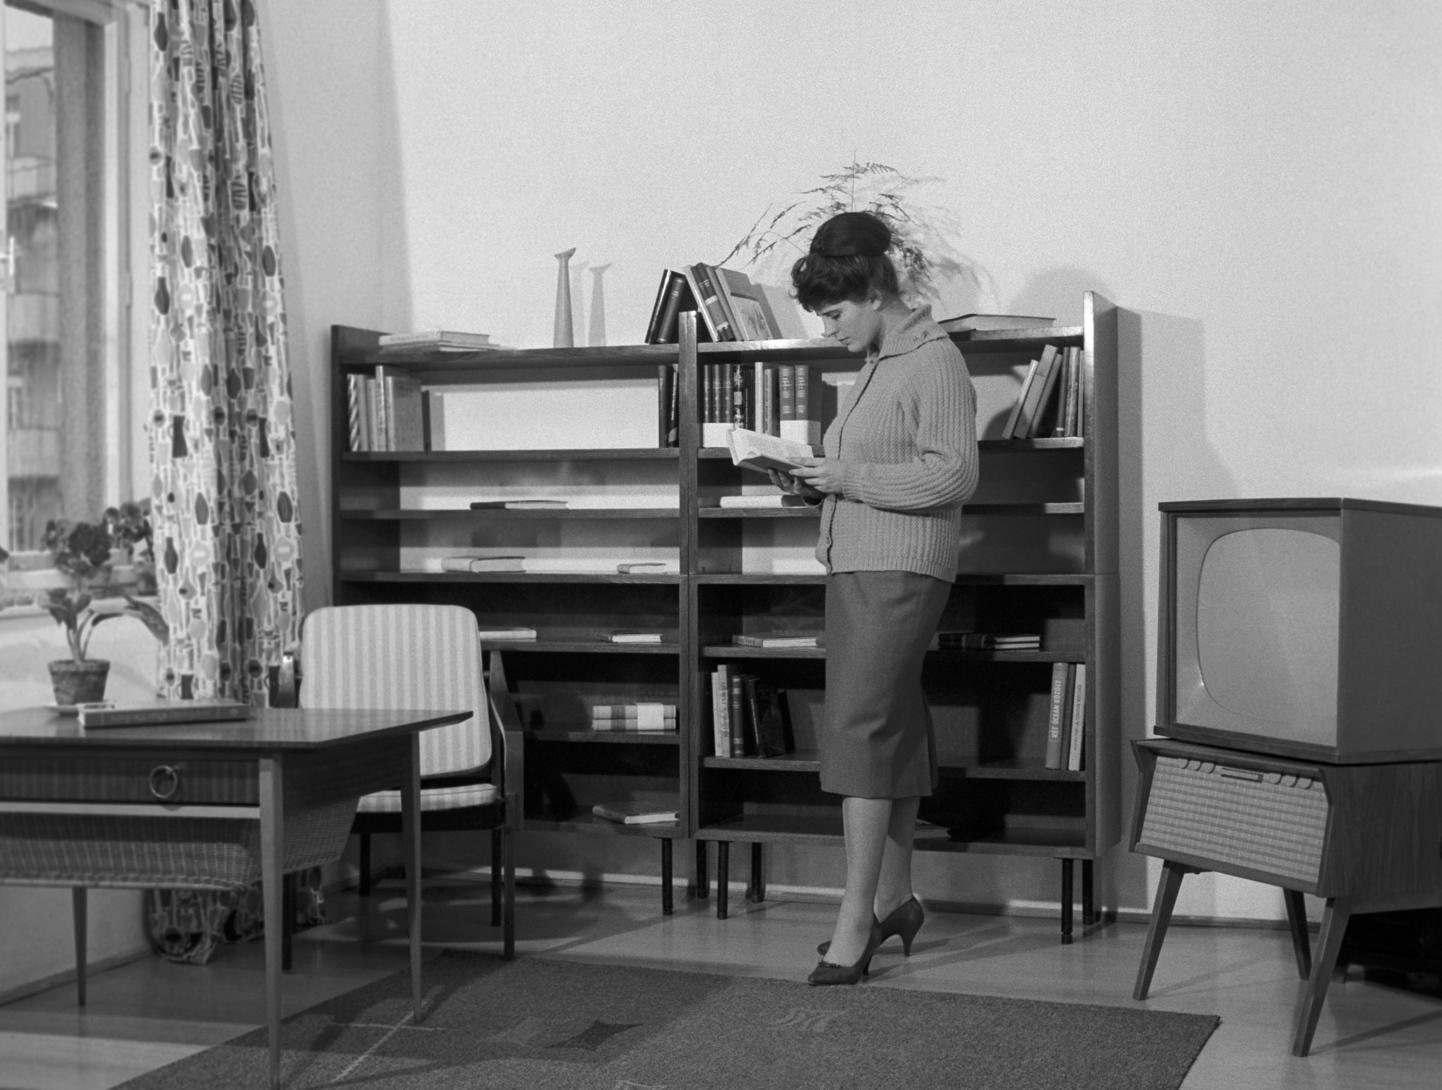 Budapest, 1960. november 3. Érdeklődő az óbudai kísérleti lakótelep lakásainak berendezésére kiírt bútortervezési pályázat eredményeit bemutató Új lakások - új berendezések című kiállításán. A lakótelepen számos az 1958-ban és 1960-ban kiírt lakásterv pályázatok mintaépületeit építették fel, hogy ezek alapján válasszák ki a jövő házait az építőipari vállalatok. MTI Fotó: Balassa Ferenc